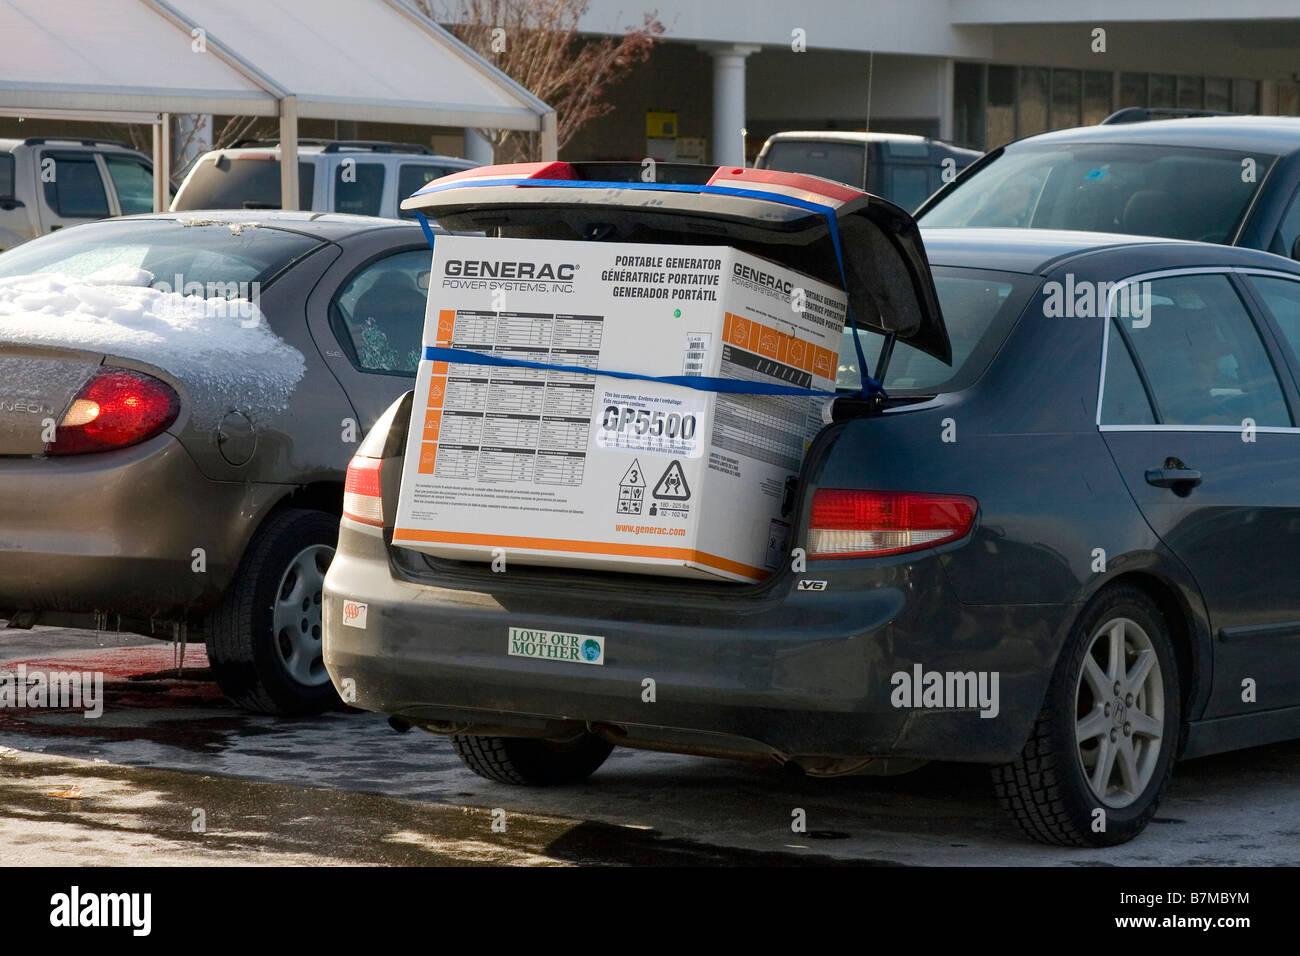 Notstromaggregat mit dem Auto nach einem Eissturm geladen. Stockbild